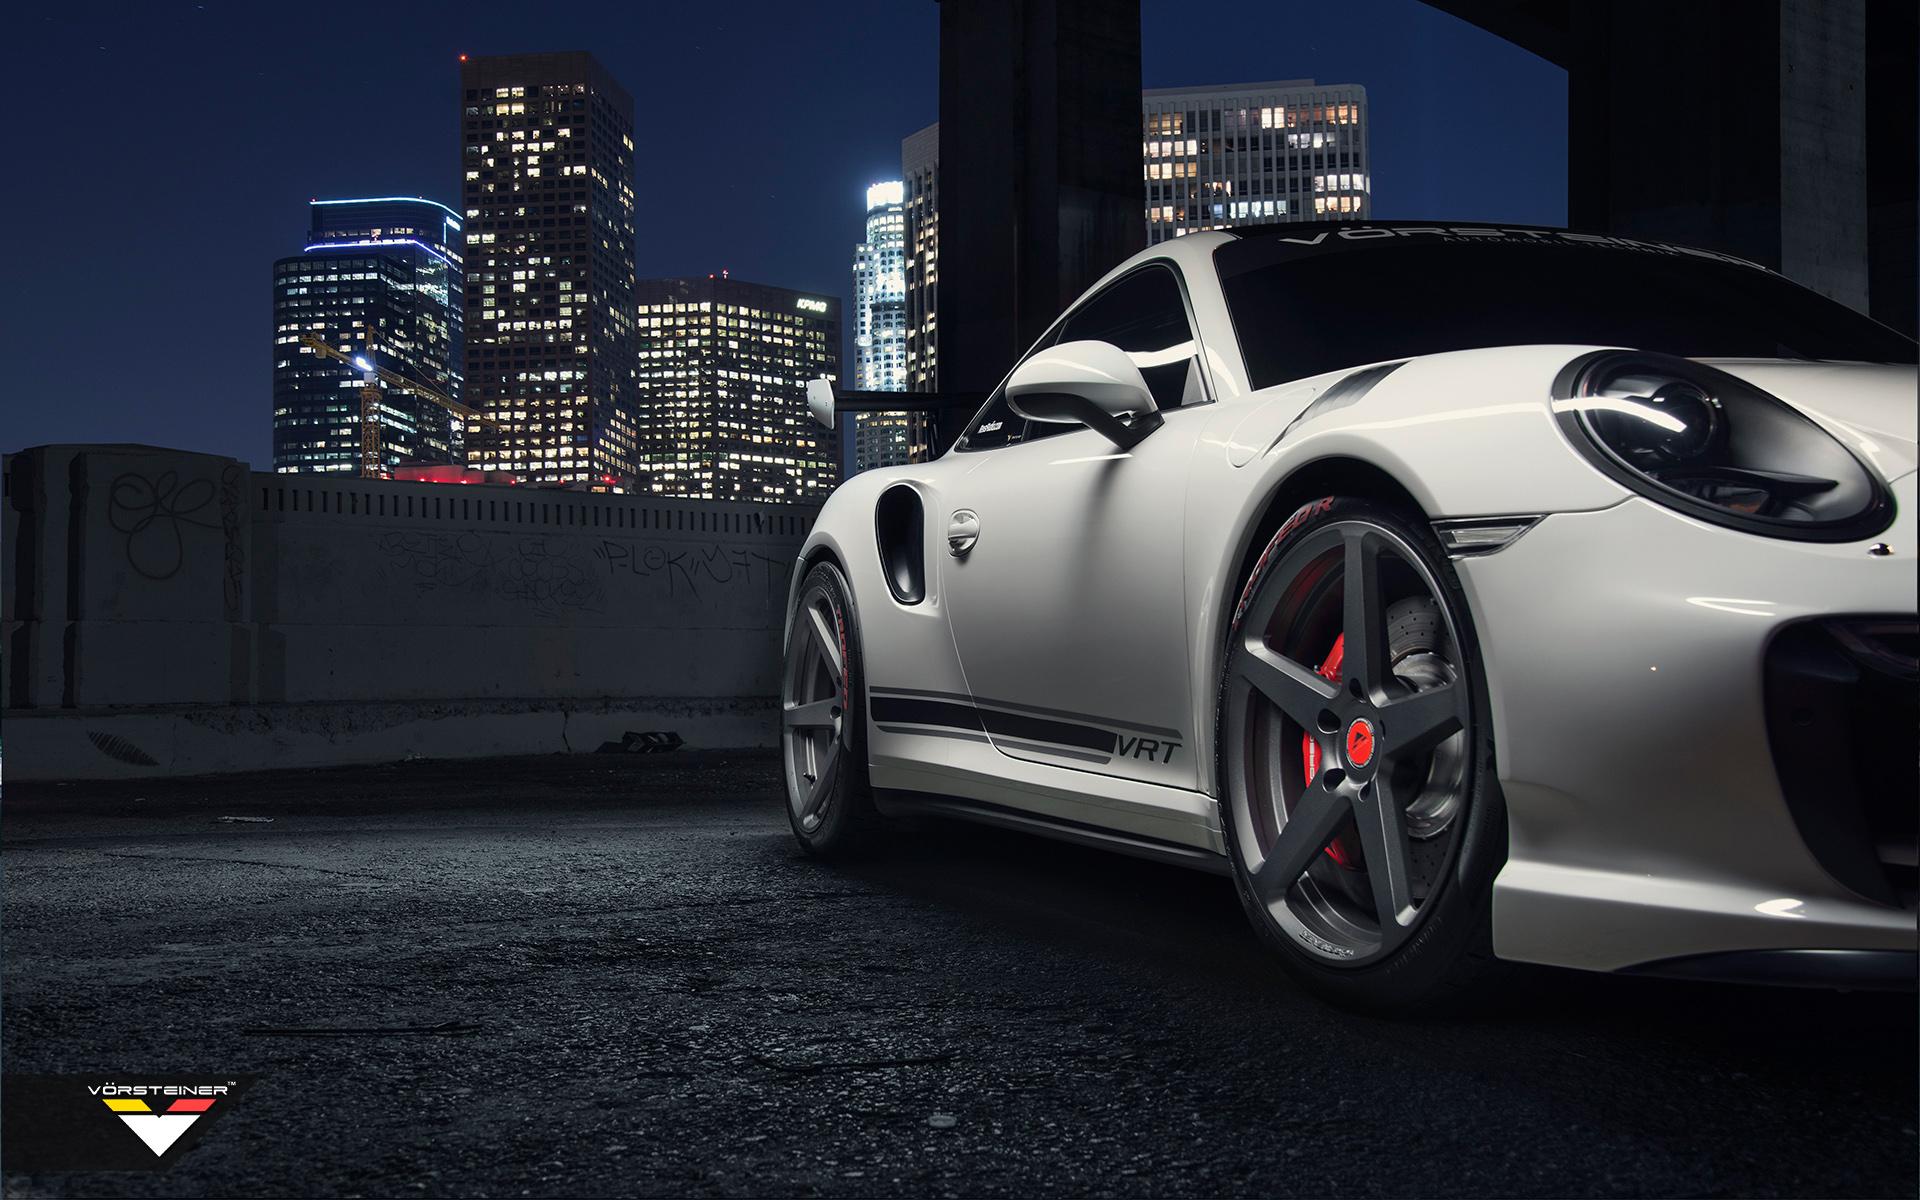 Best Cayman Porsche Gt Hd Wallpaper Images On Pinterest Hd Wallpaper Wallpaper Images Hd And Cayman Gt